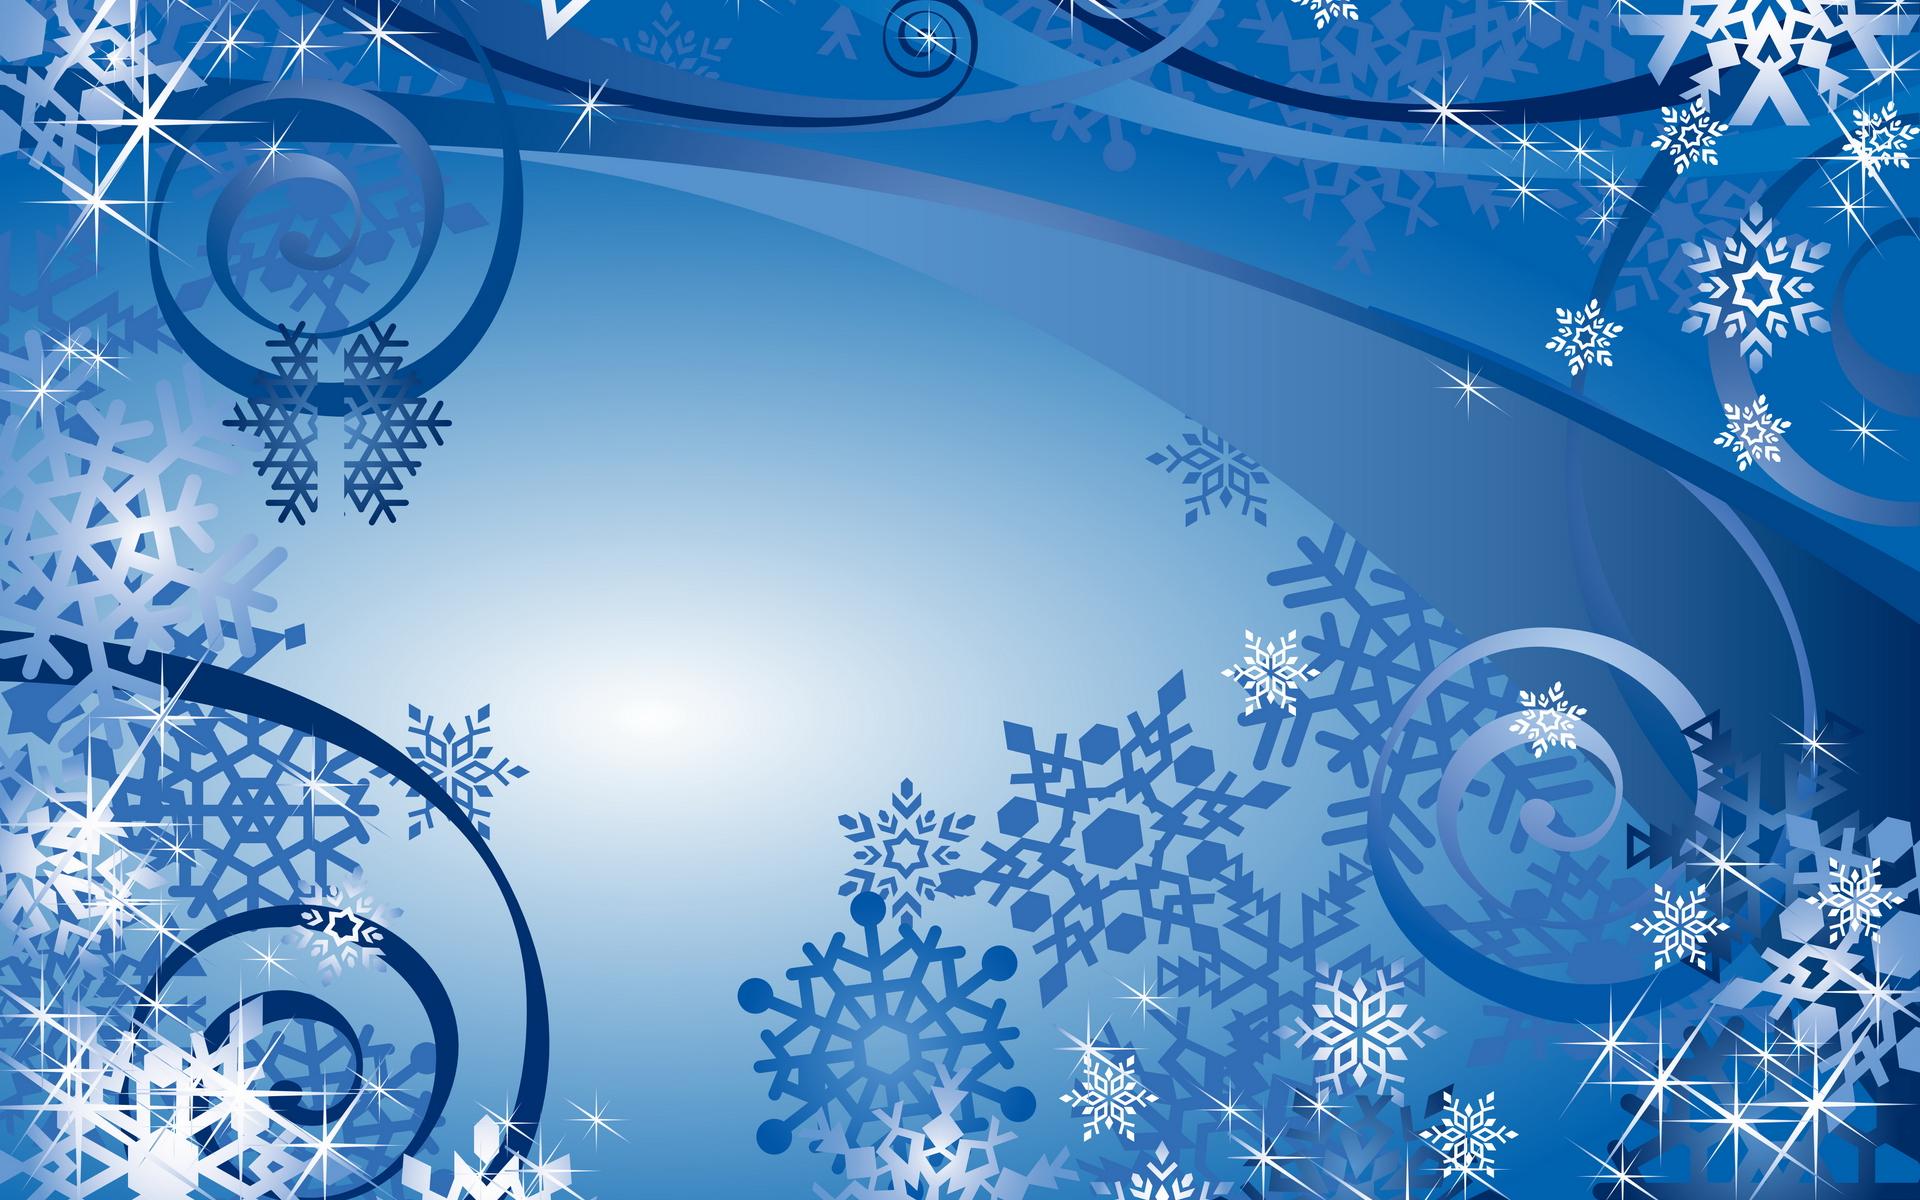 Шаблоны фотошоп новогодние скачать бесплатно